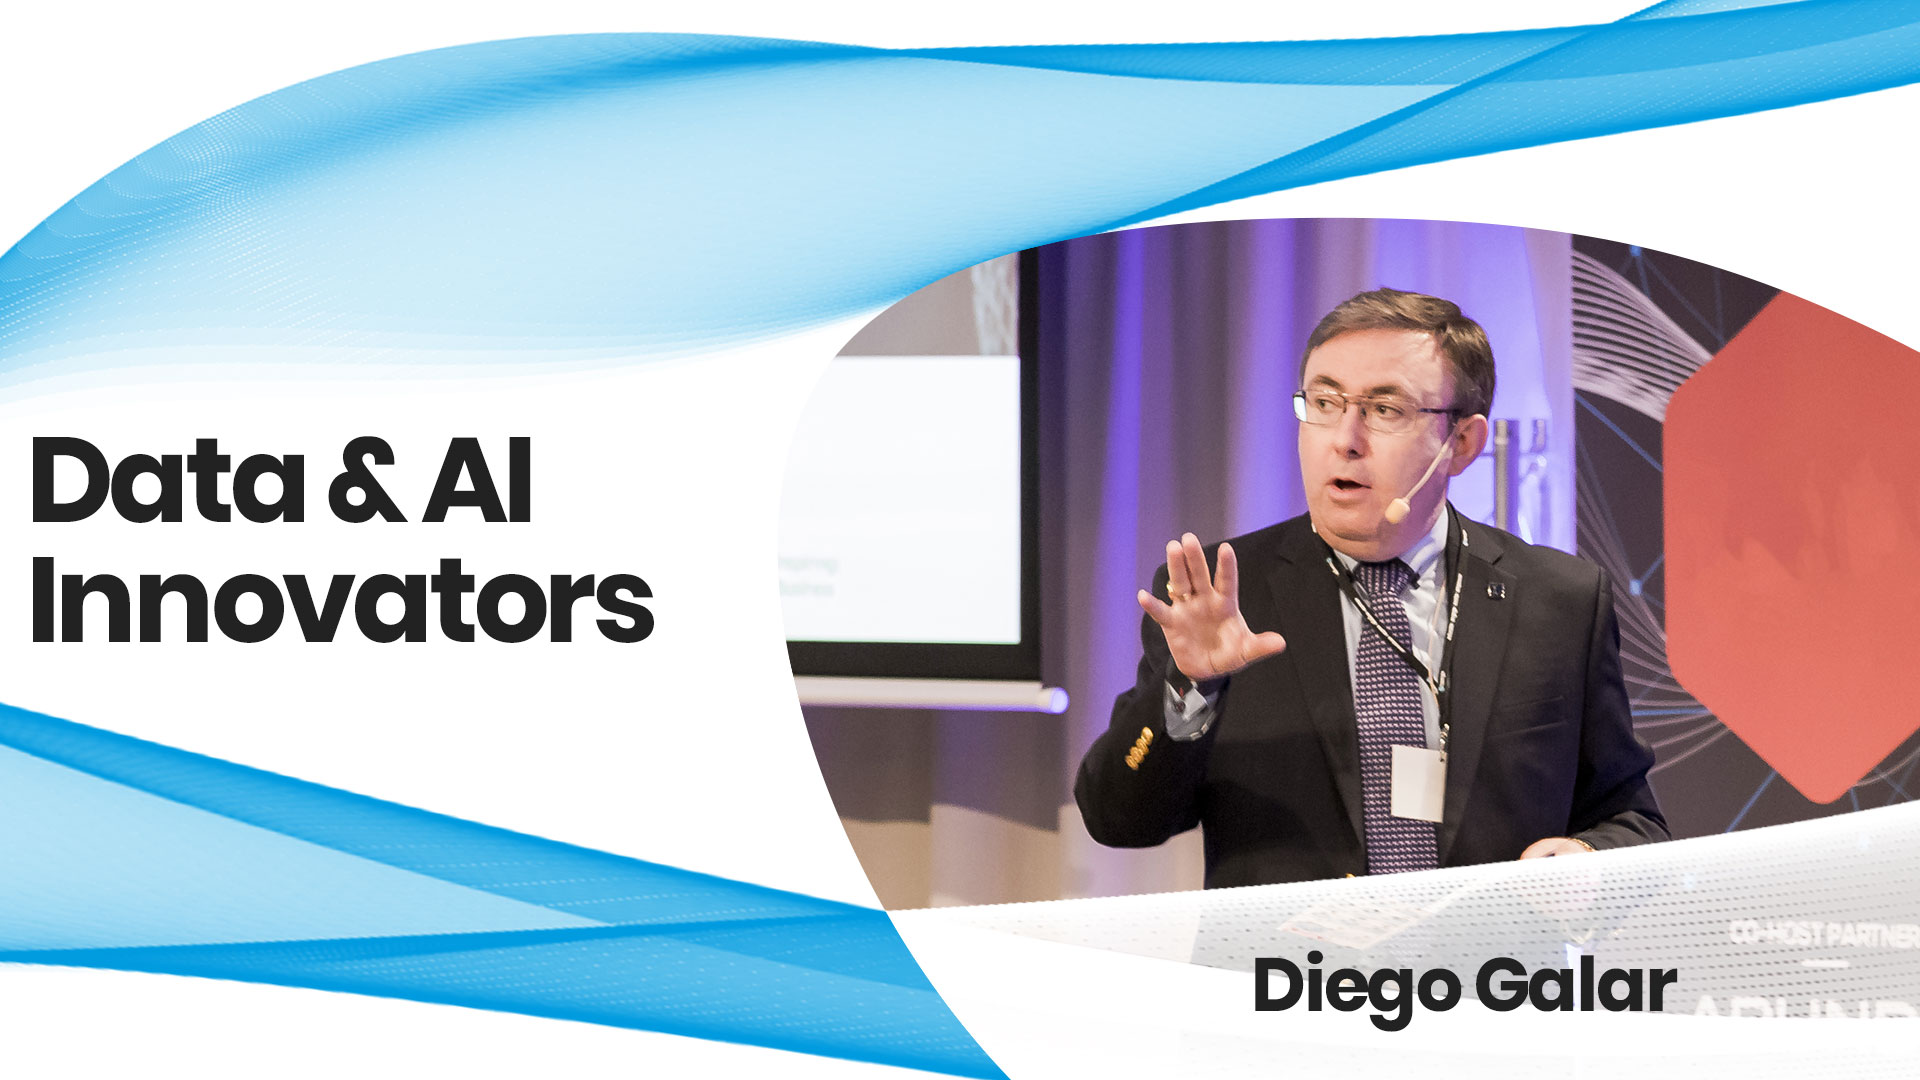 Diego Galar